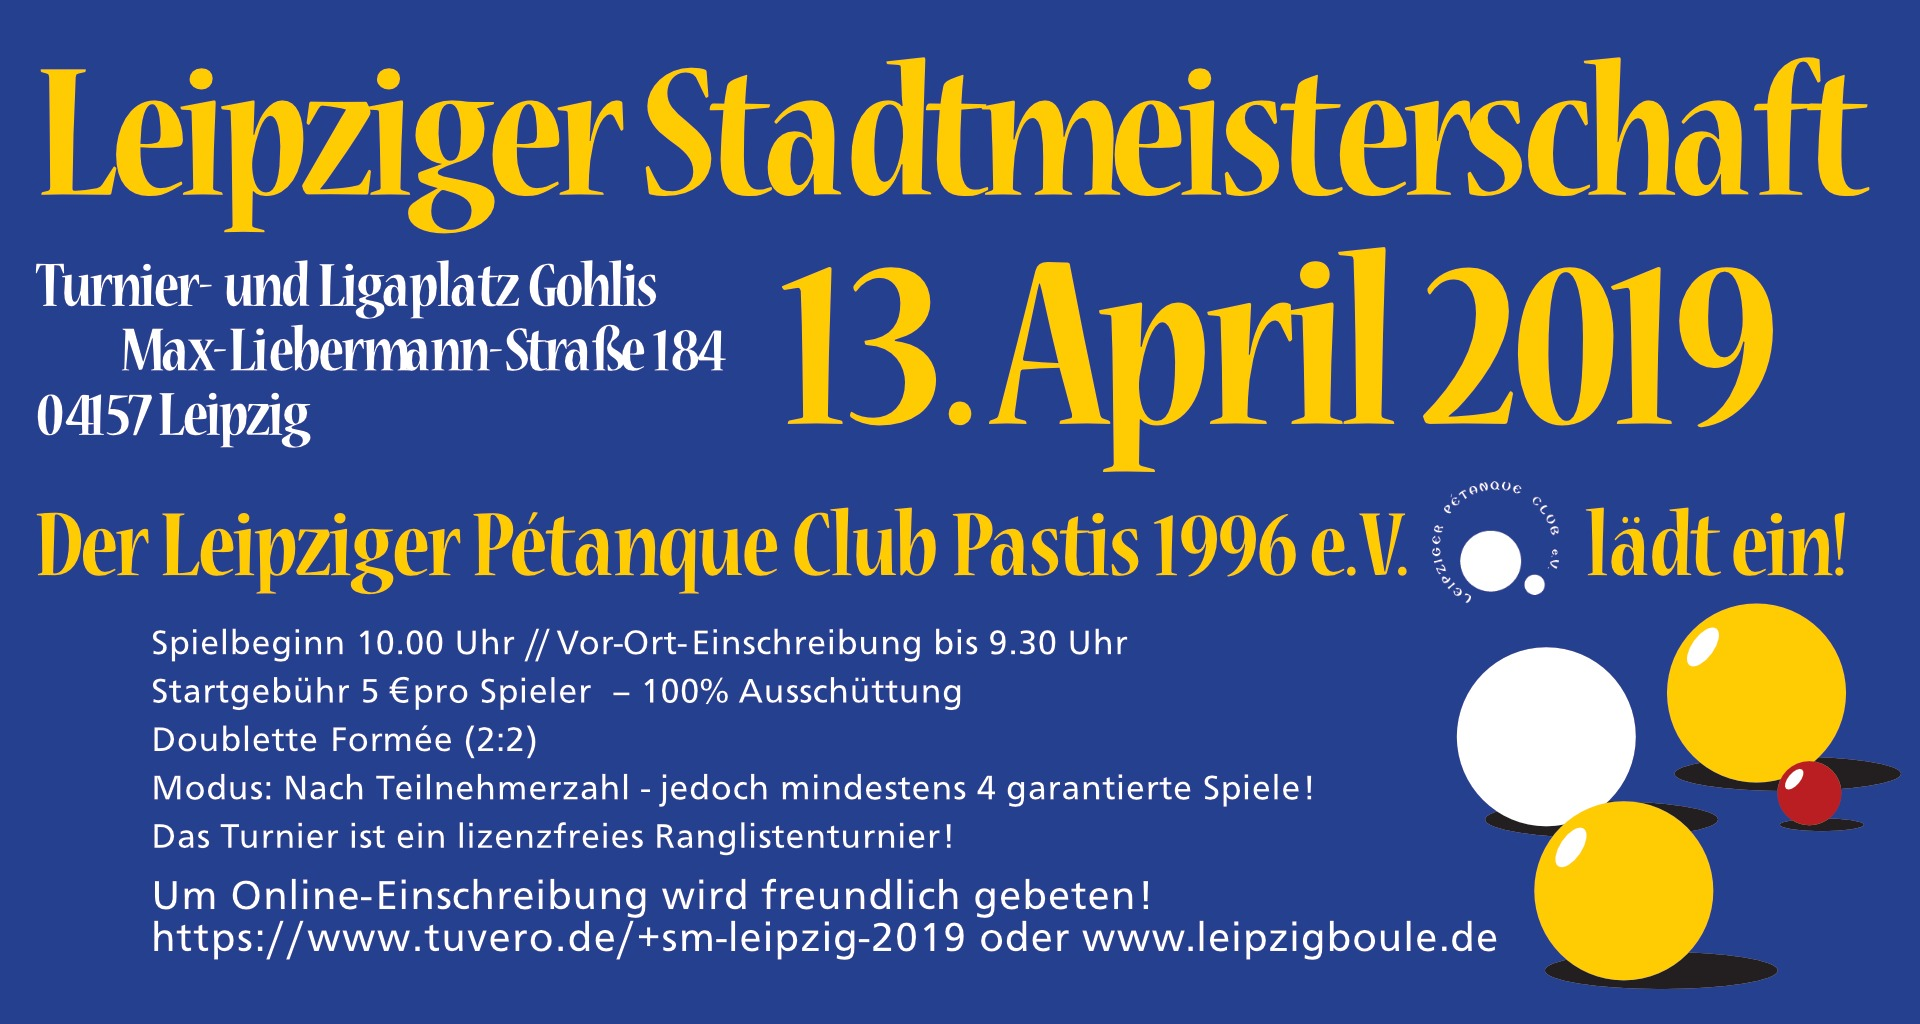 Stadtmeisterschaft-Leipzig-2019